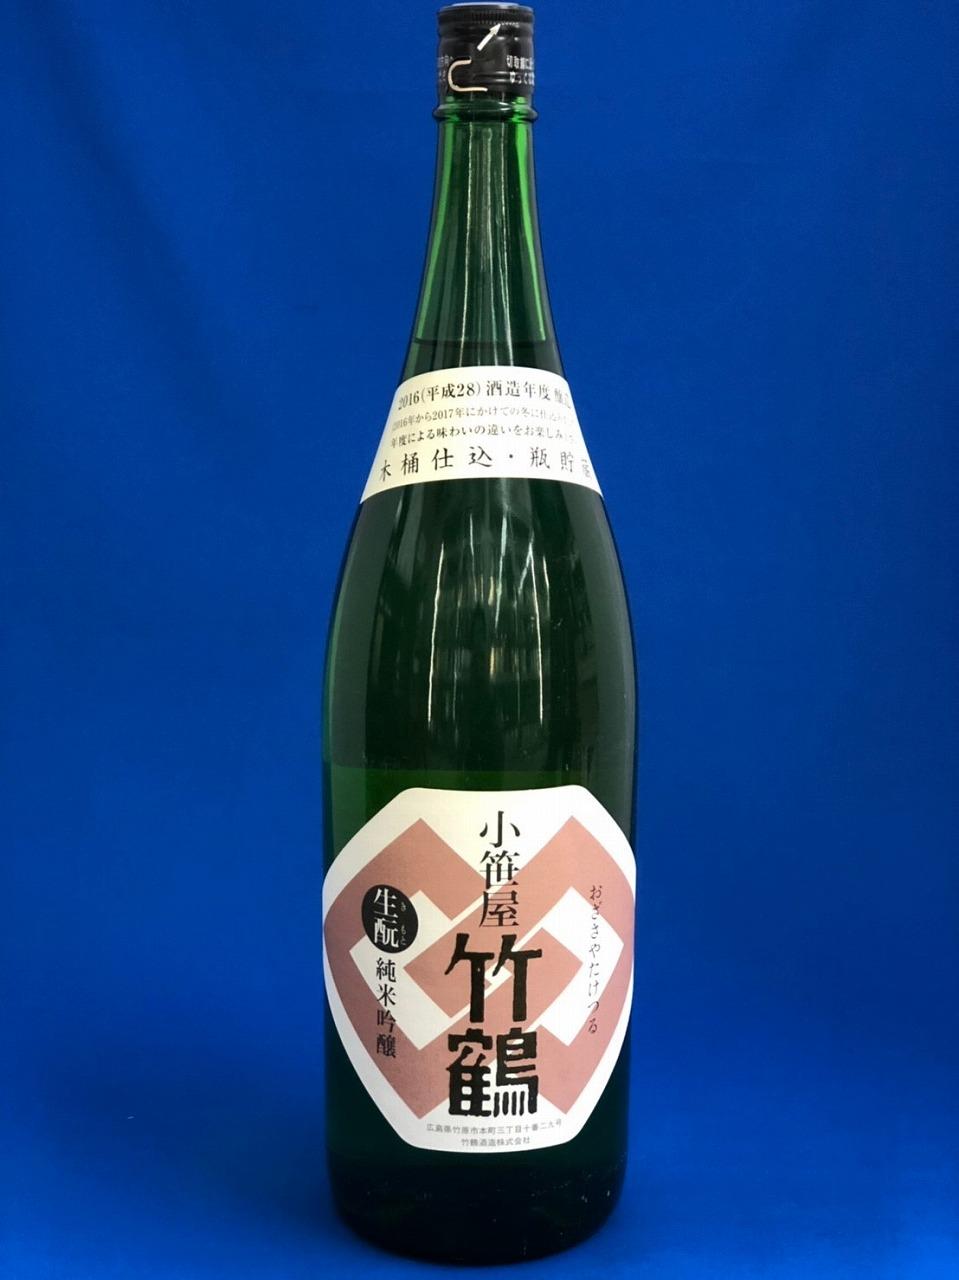 小笹屋竹鶴 生もと 純米吟醸原酒